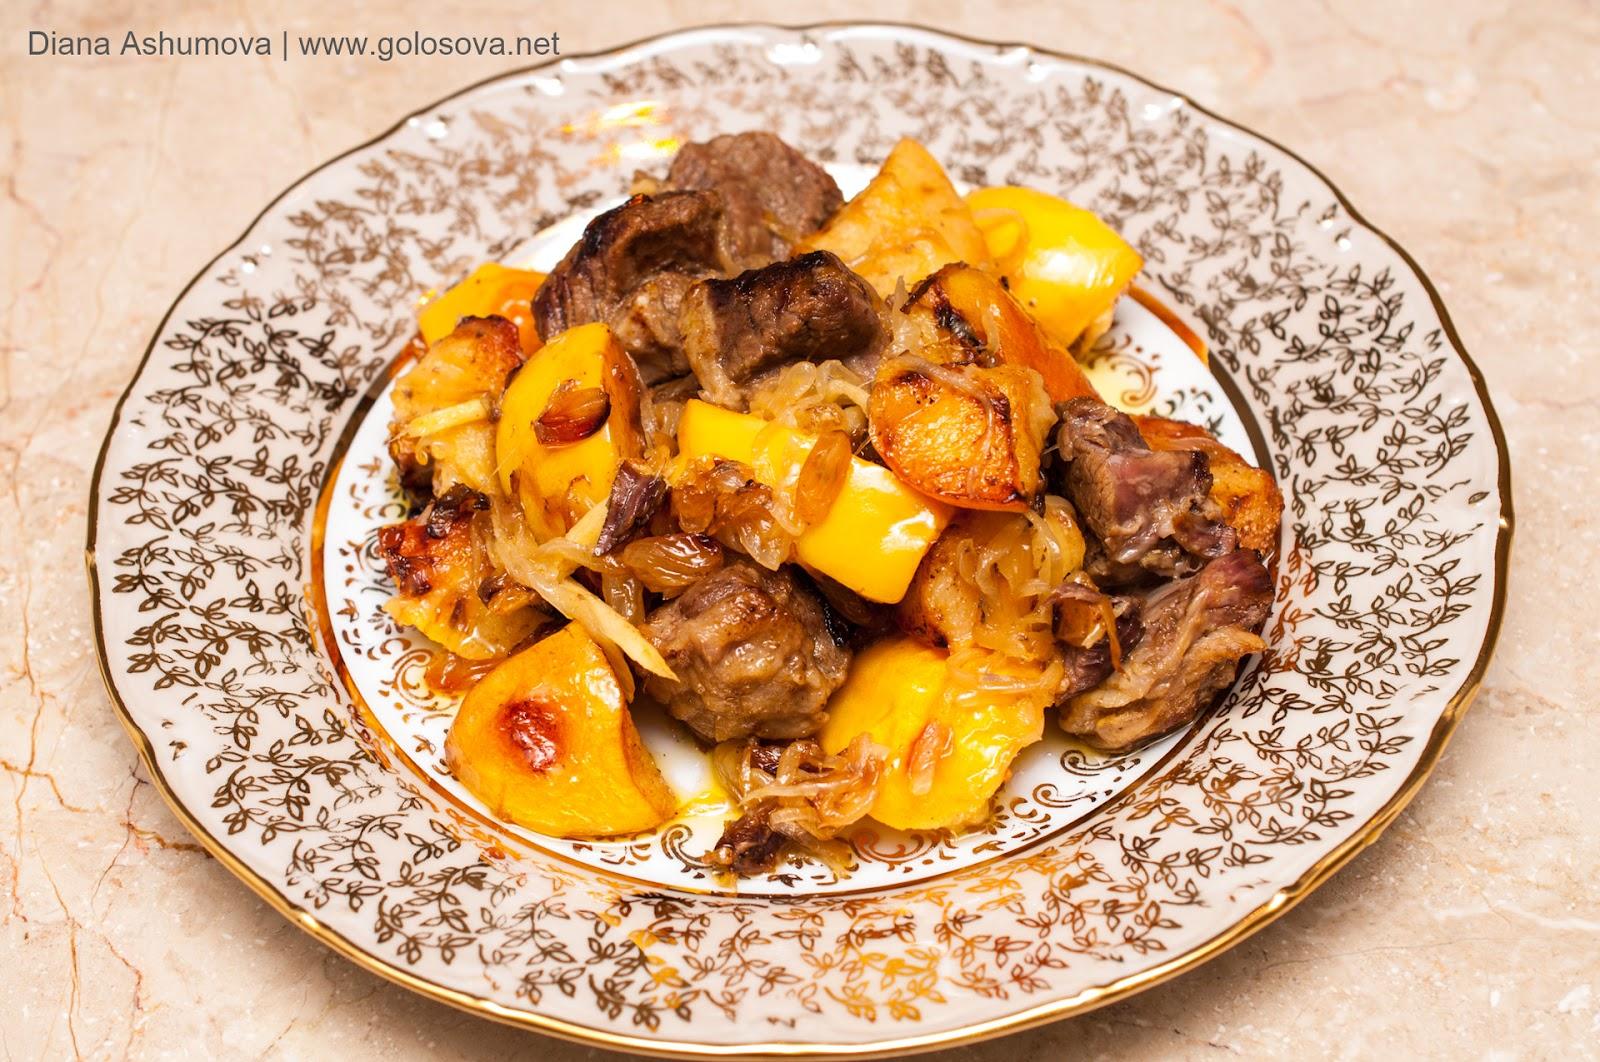 Рецепт блюд с айвой